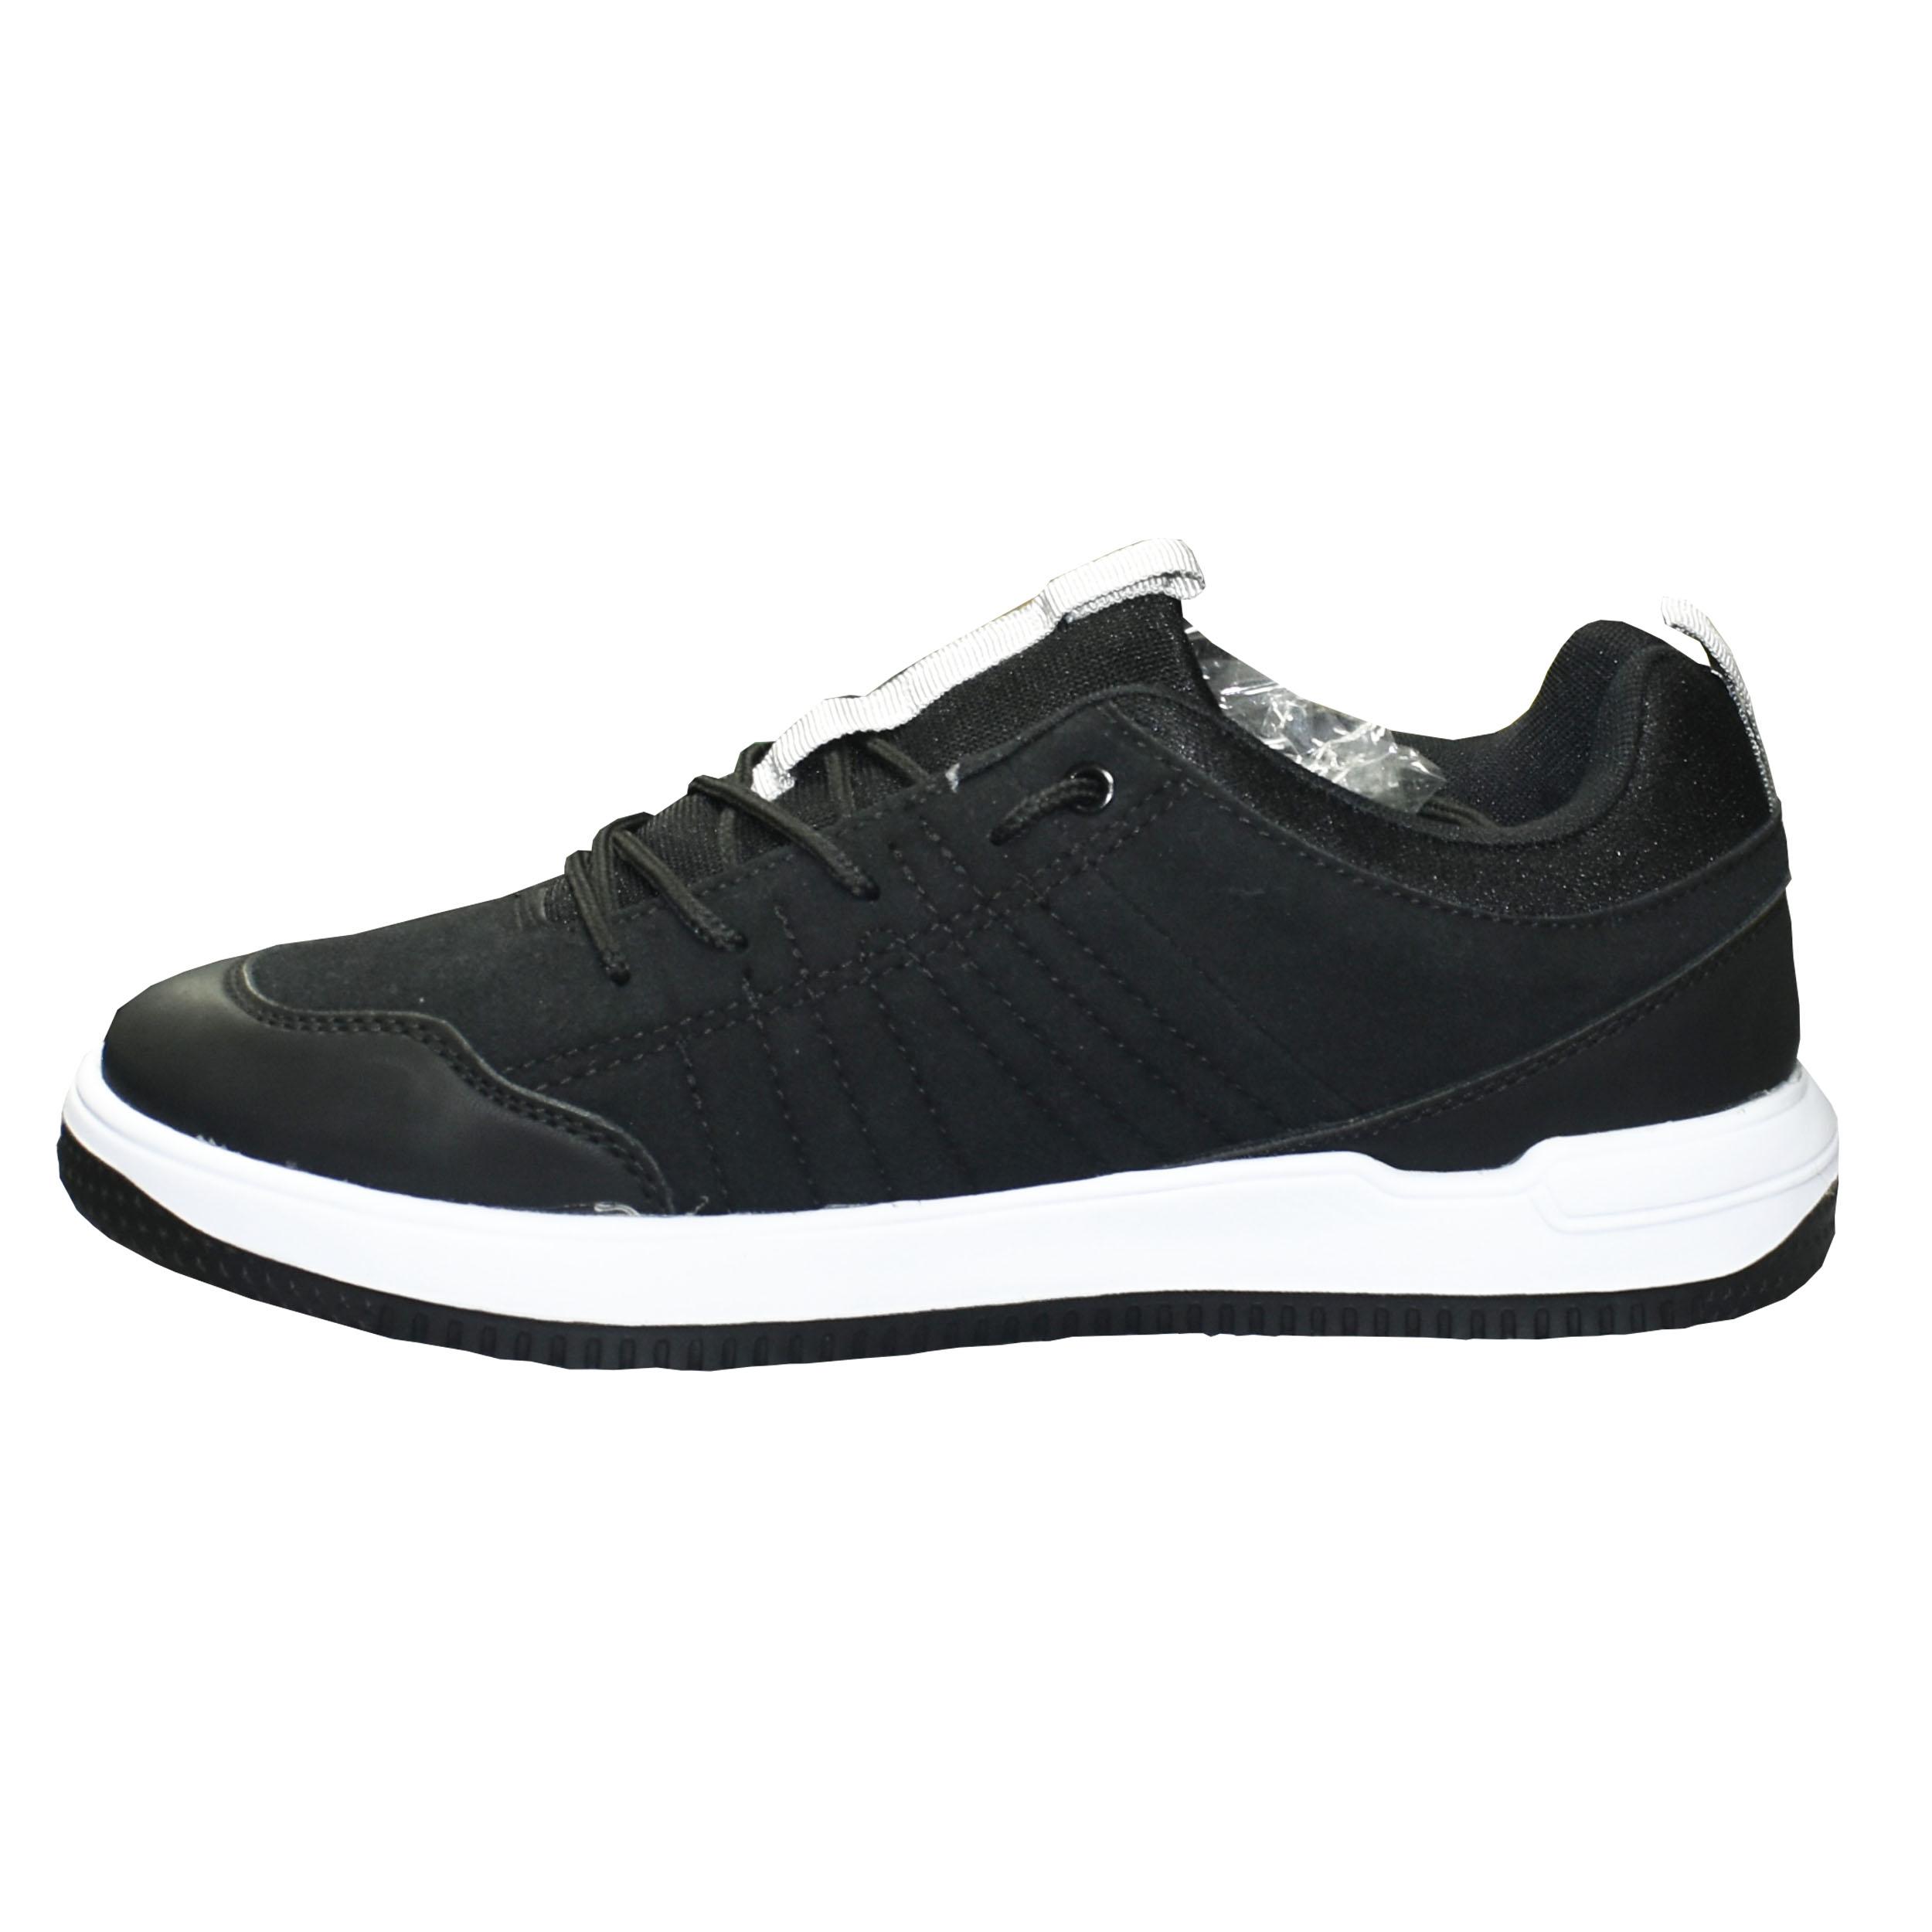 کفش مردانه روزمره مکس مدل SDF-PDFJG